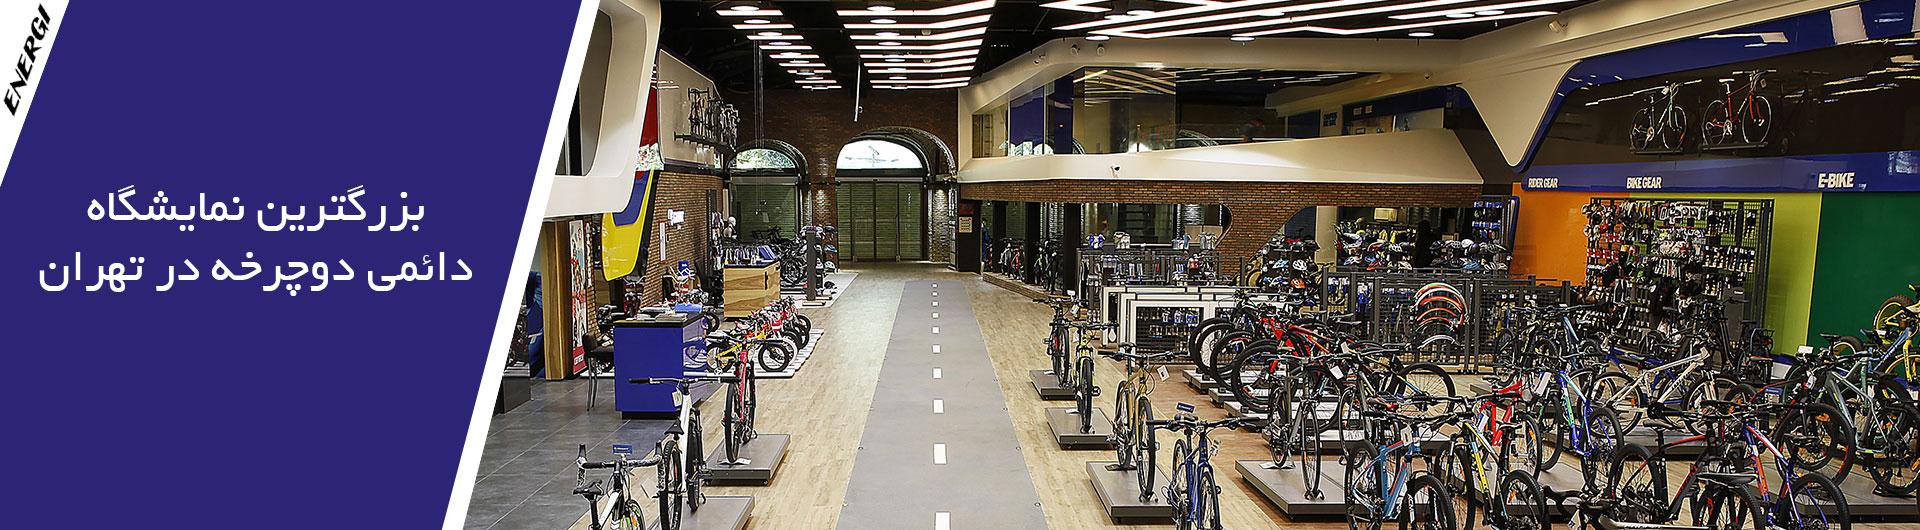 نمایشگاه-دائمی-دوچرخه